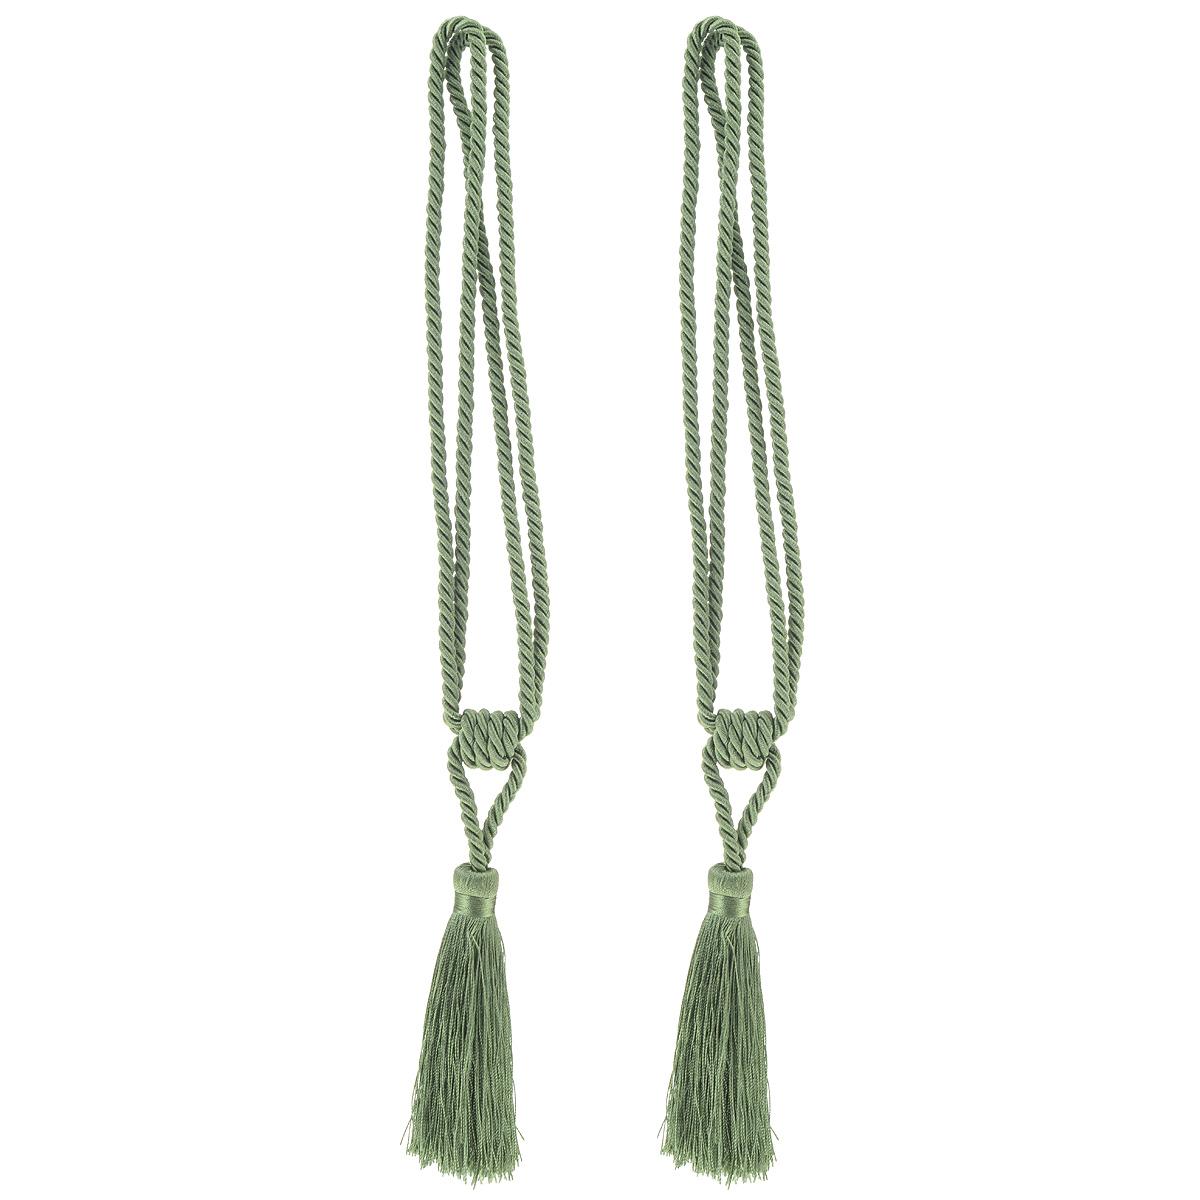 Подхват для штор Мир Мануфактуры, цвет: зеленый, длина 43 см, 2 шт подхват для штор протос цвет светло бежевый длина 70 см 2 шт